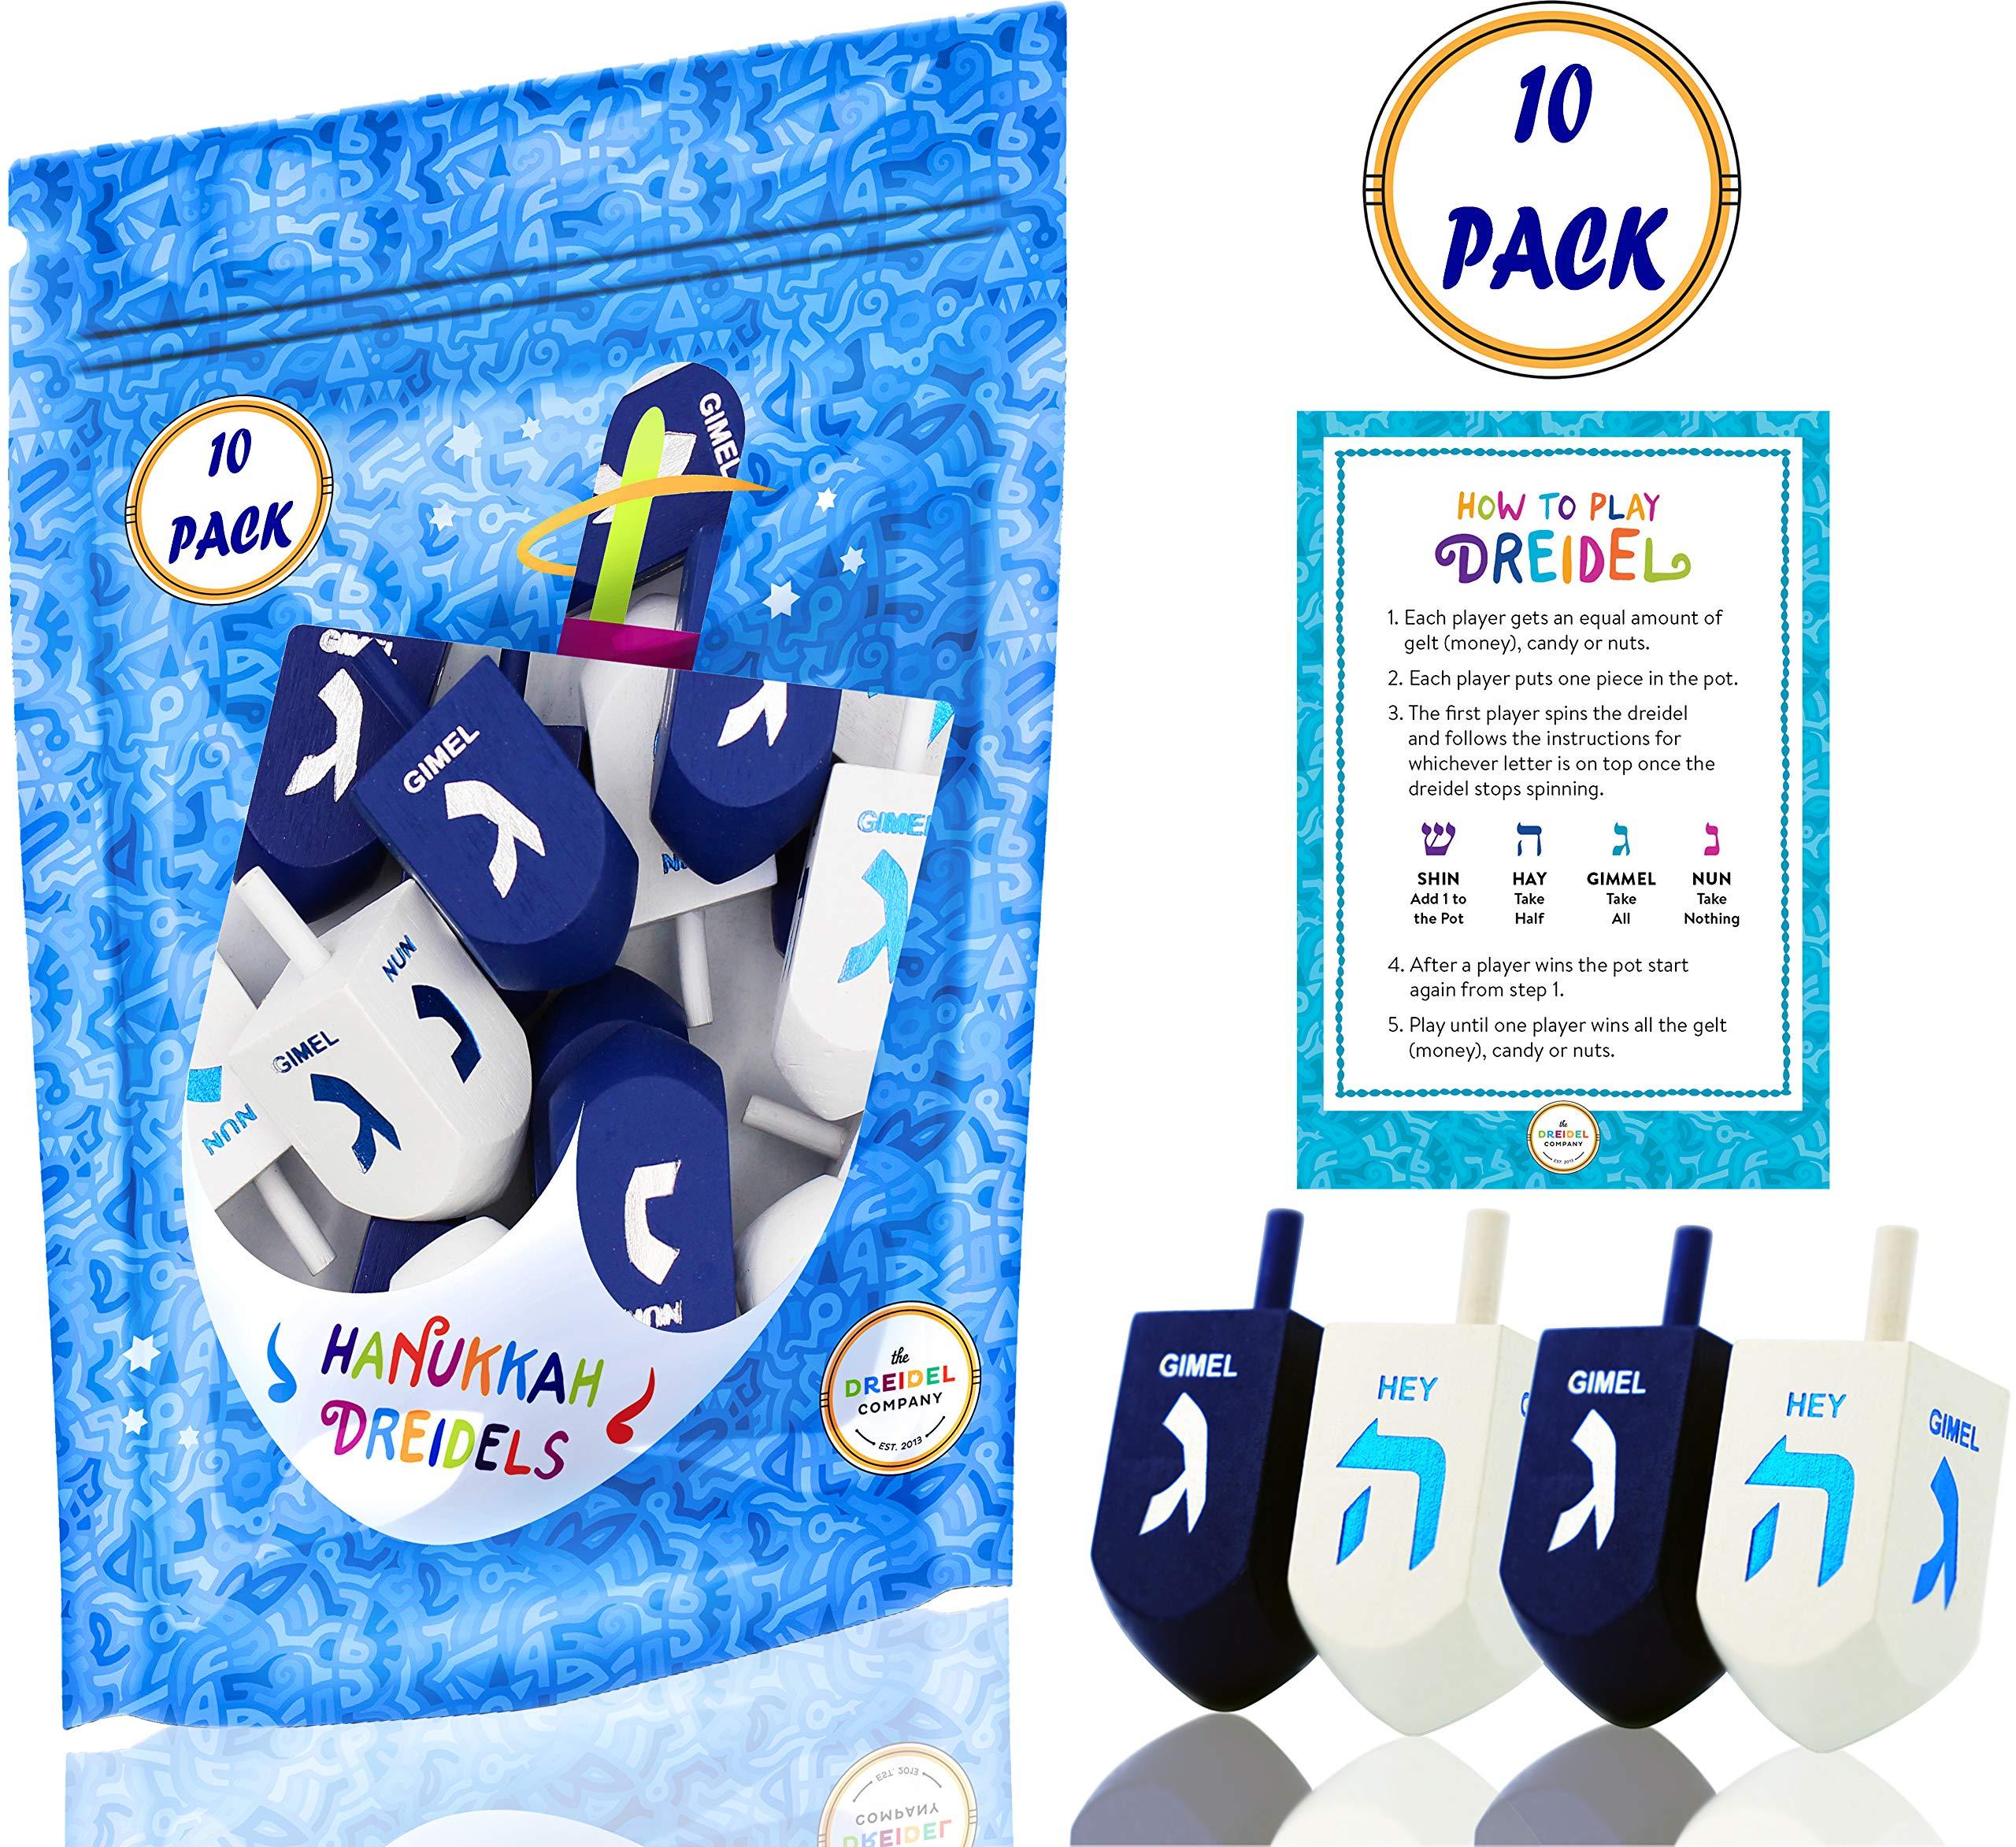 Hanukkah Dreidel Extra Large Blue & White Wooden Dreidels Hand Painted - Includes Game Instruction Cards! (10-Pack XL Dreidels) (10-Pack) by The Dreidel Company